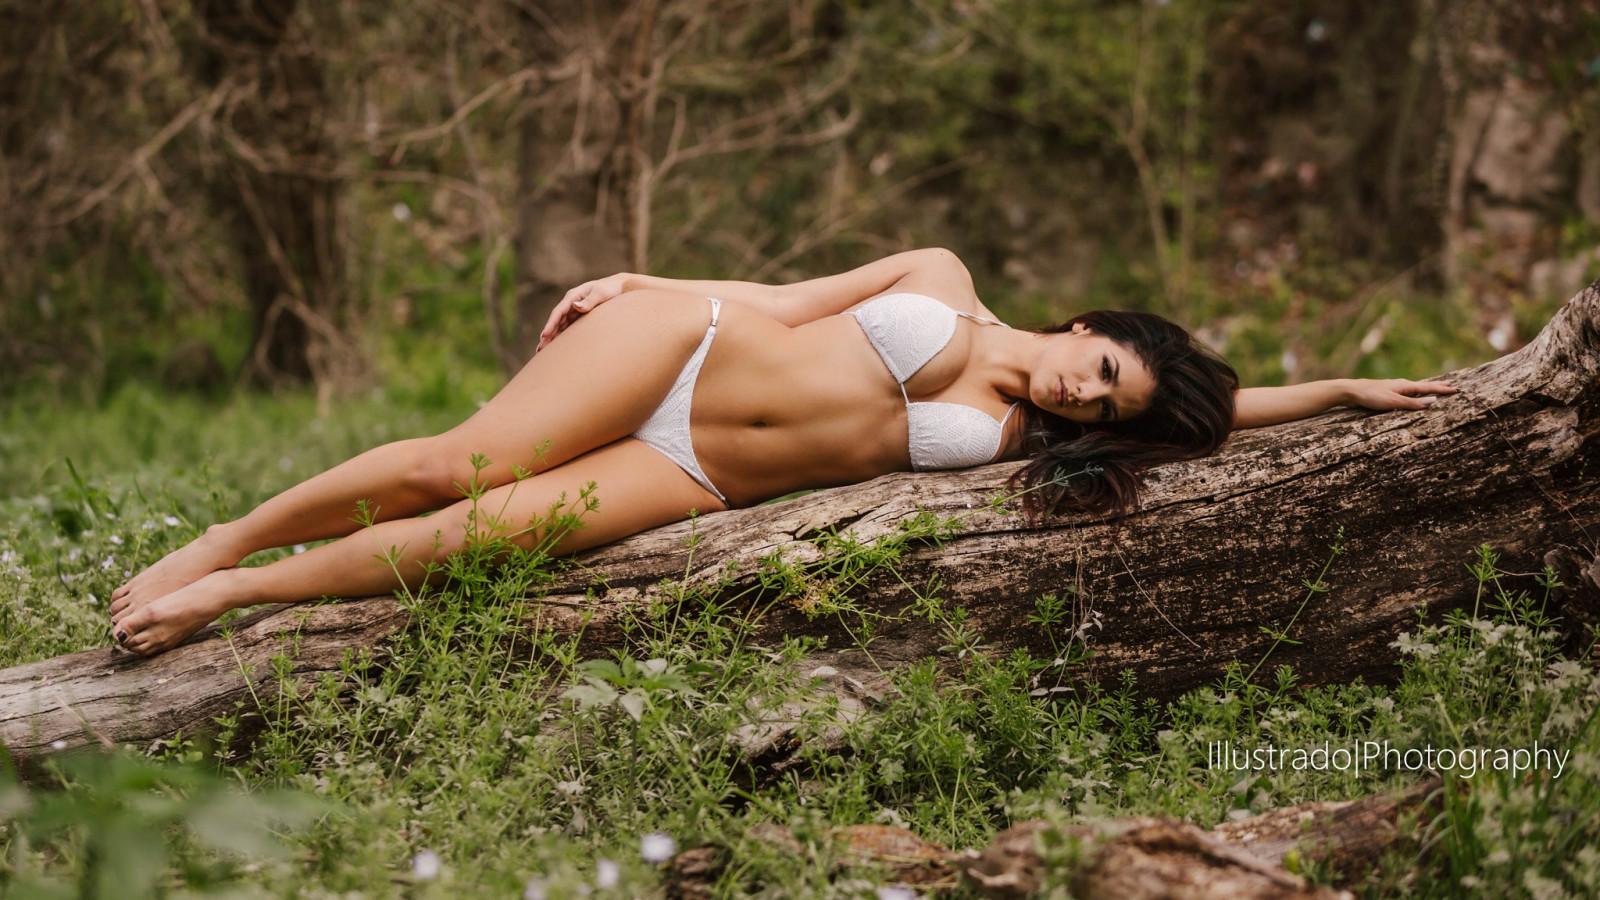 Фото фигур девушек на природе